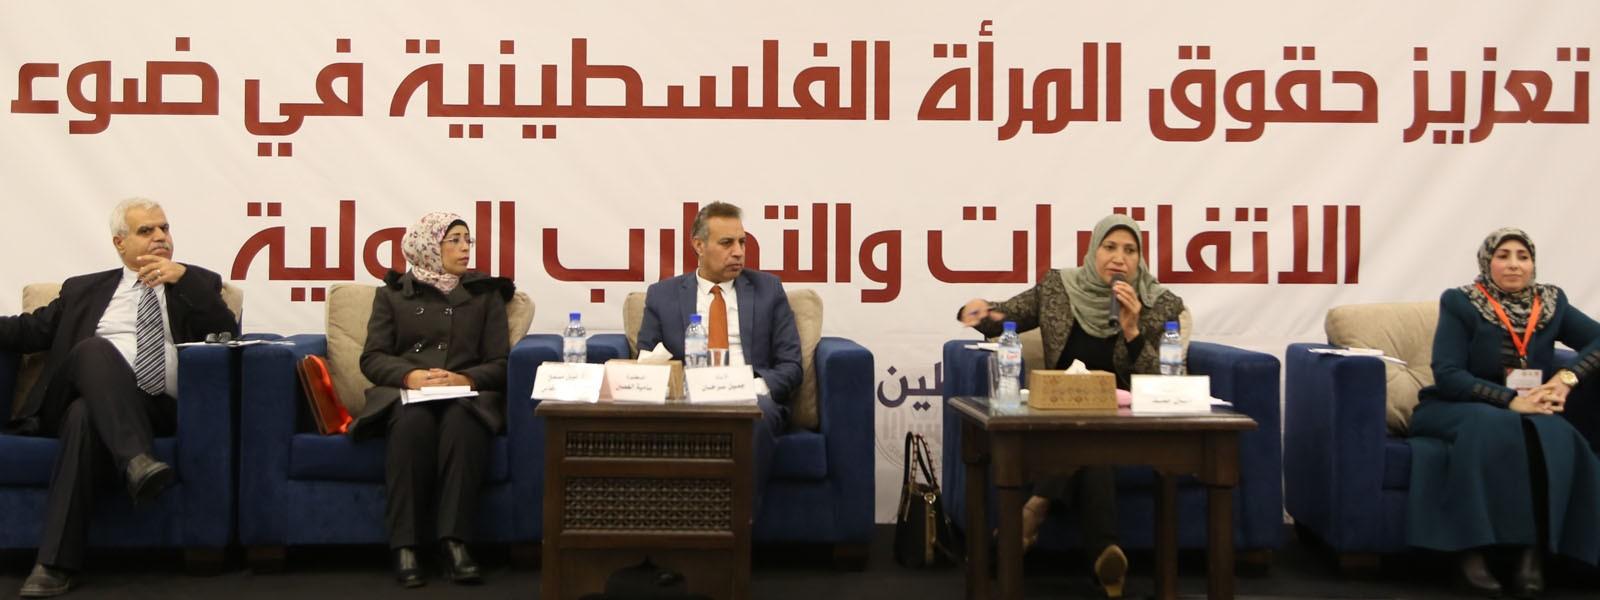 مؤتمر تعزيز حقوق المرأة في ضوء الاتفاقيات والتجارب الدولية